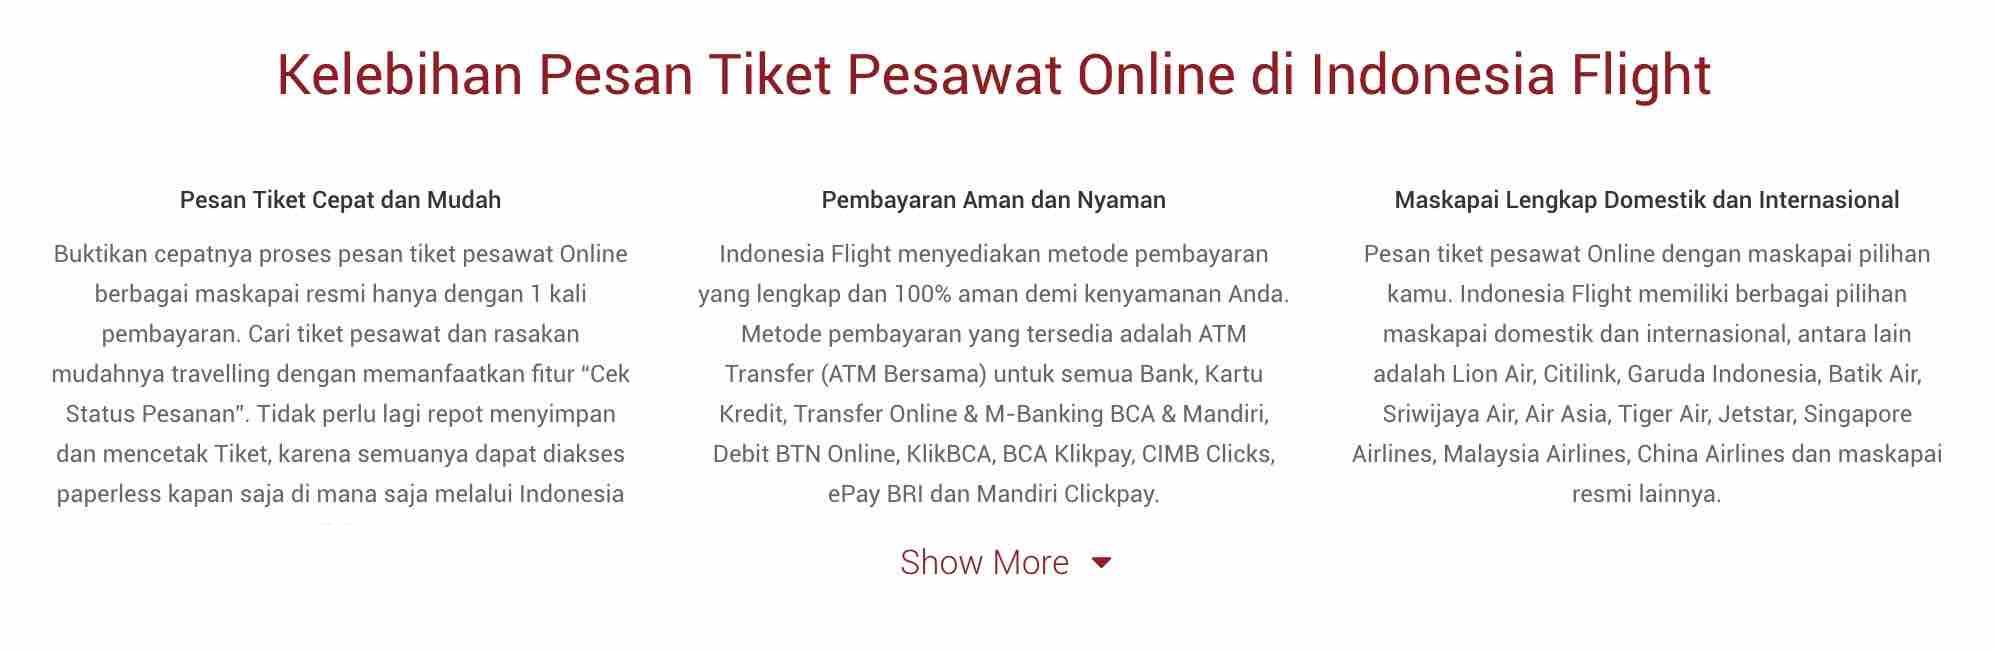 Kelebihan pesan tiket pesawat Online di Indonesia